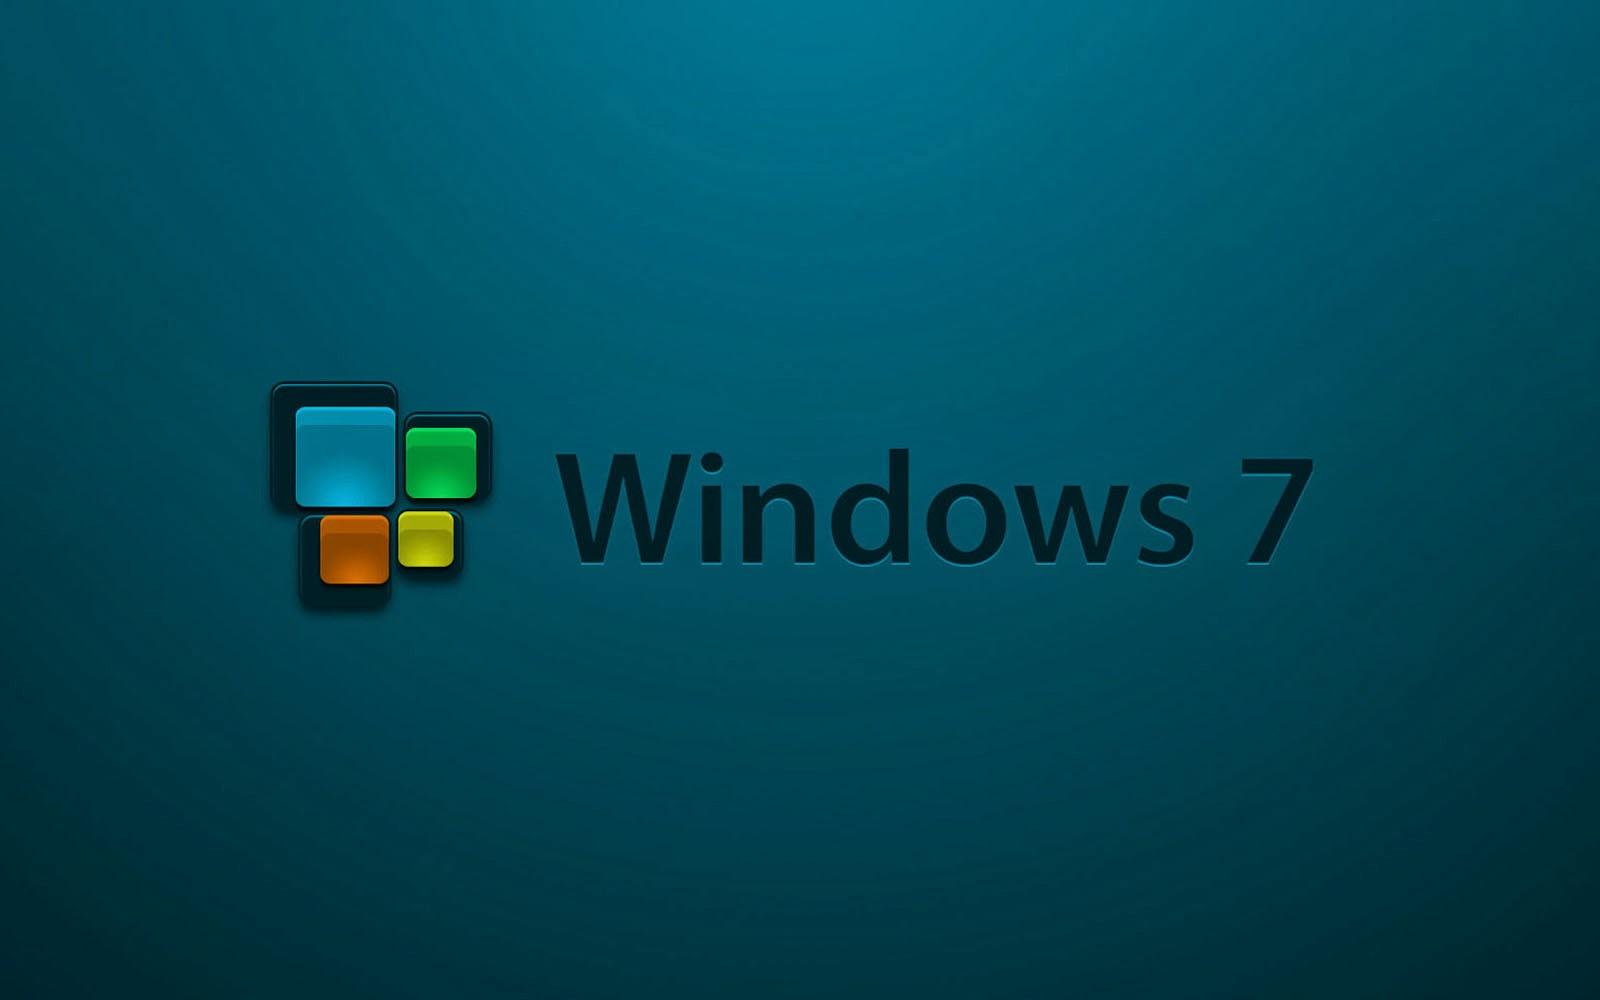 wallpapers: Windows 7 Desktop Wallpapers